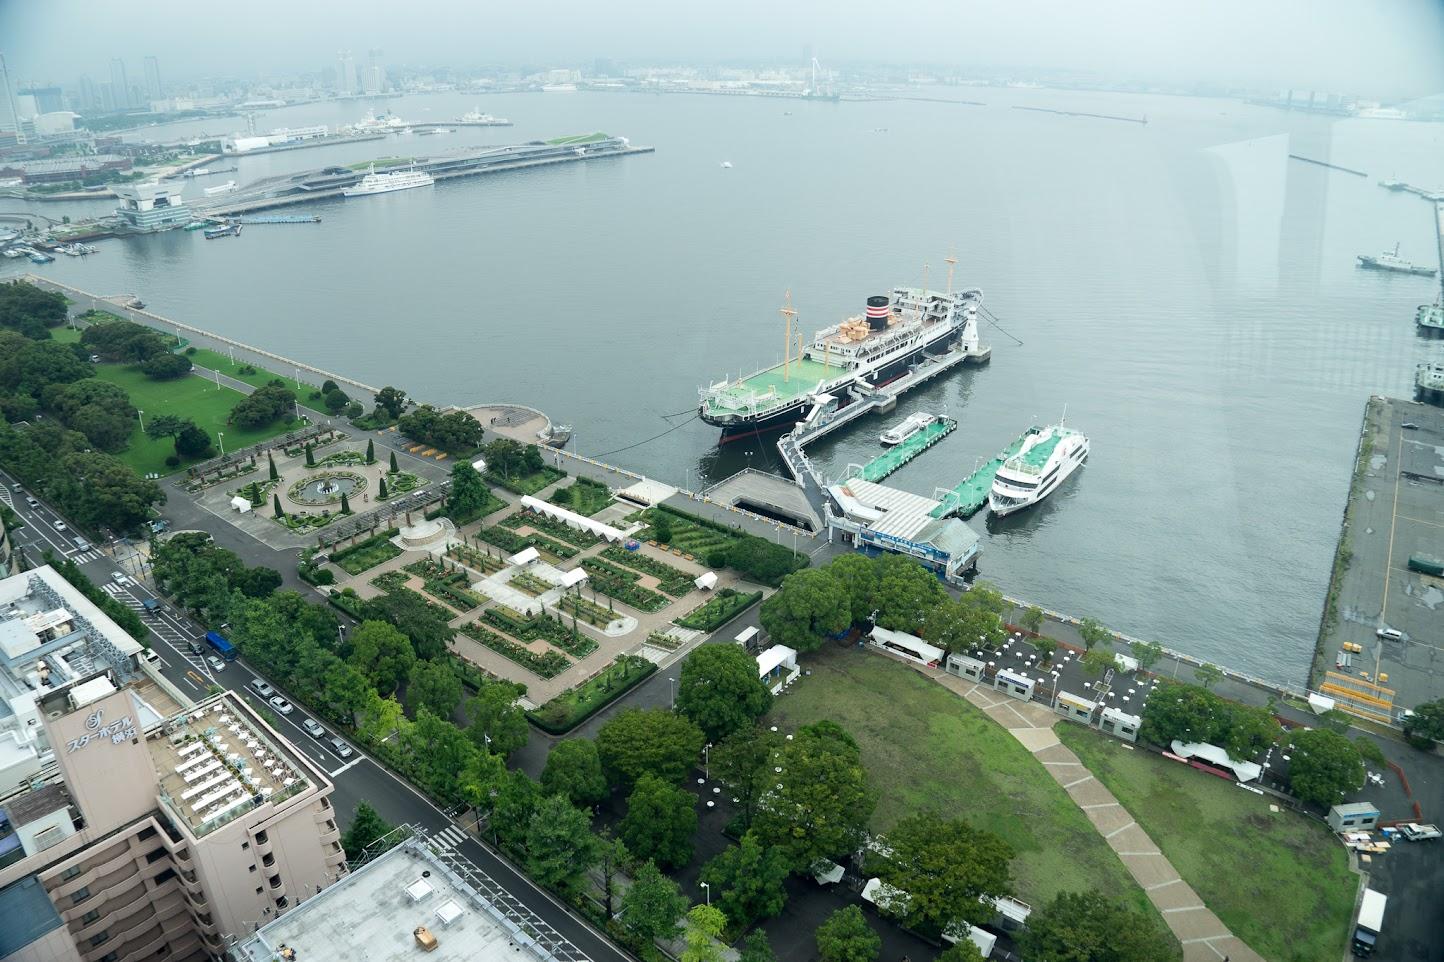 山下公園前の広がる横浜港